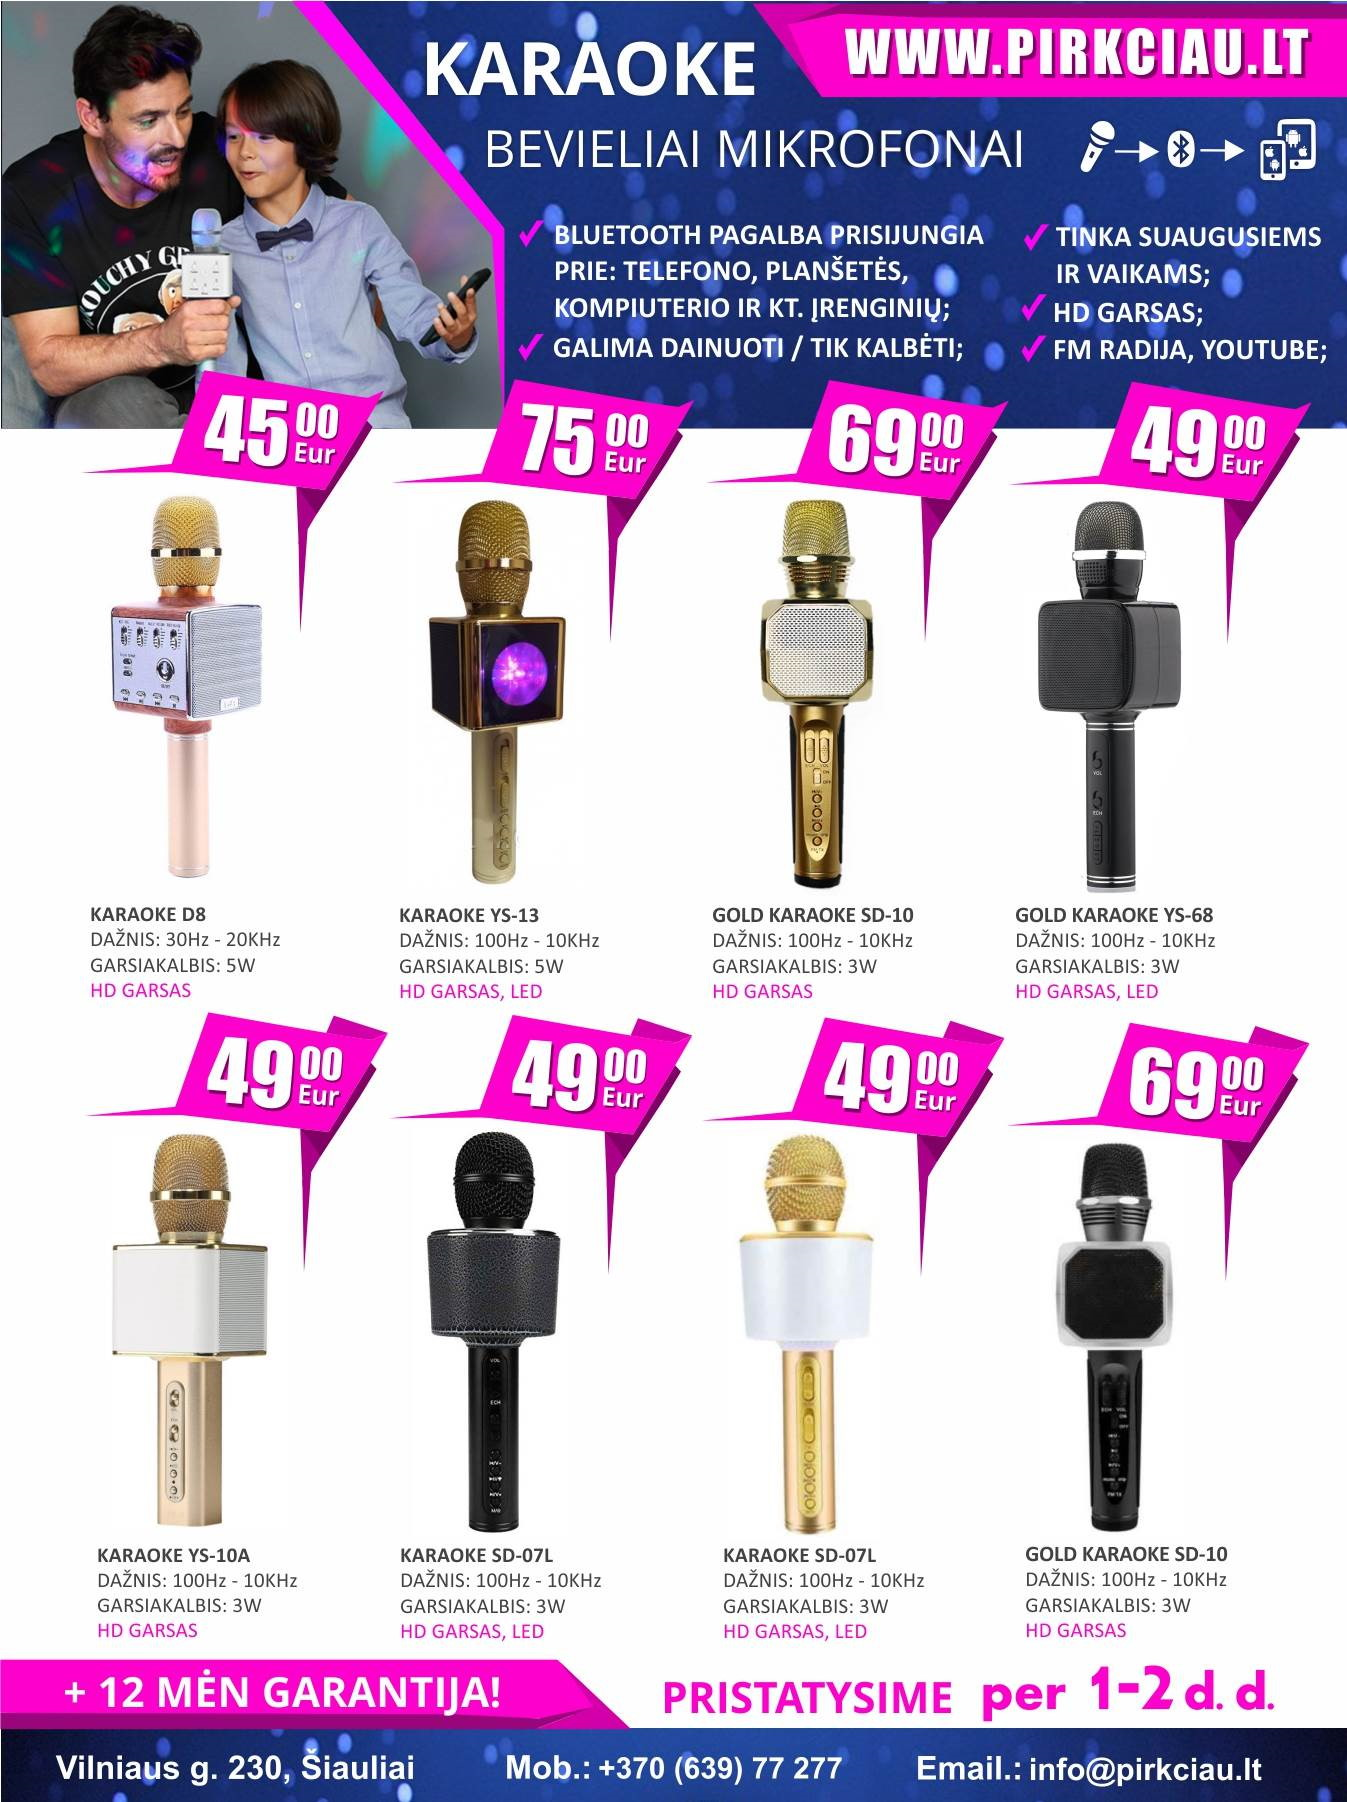 Karaoke bevieliai mikrofonai + akcija